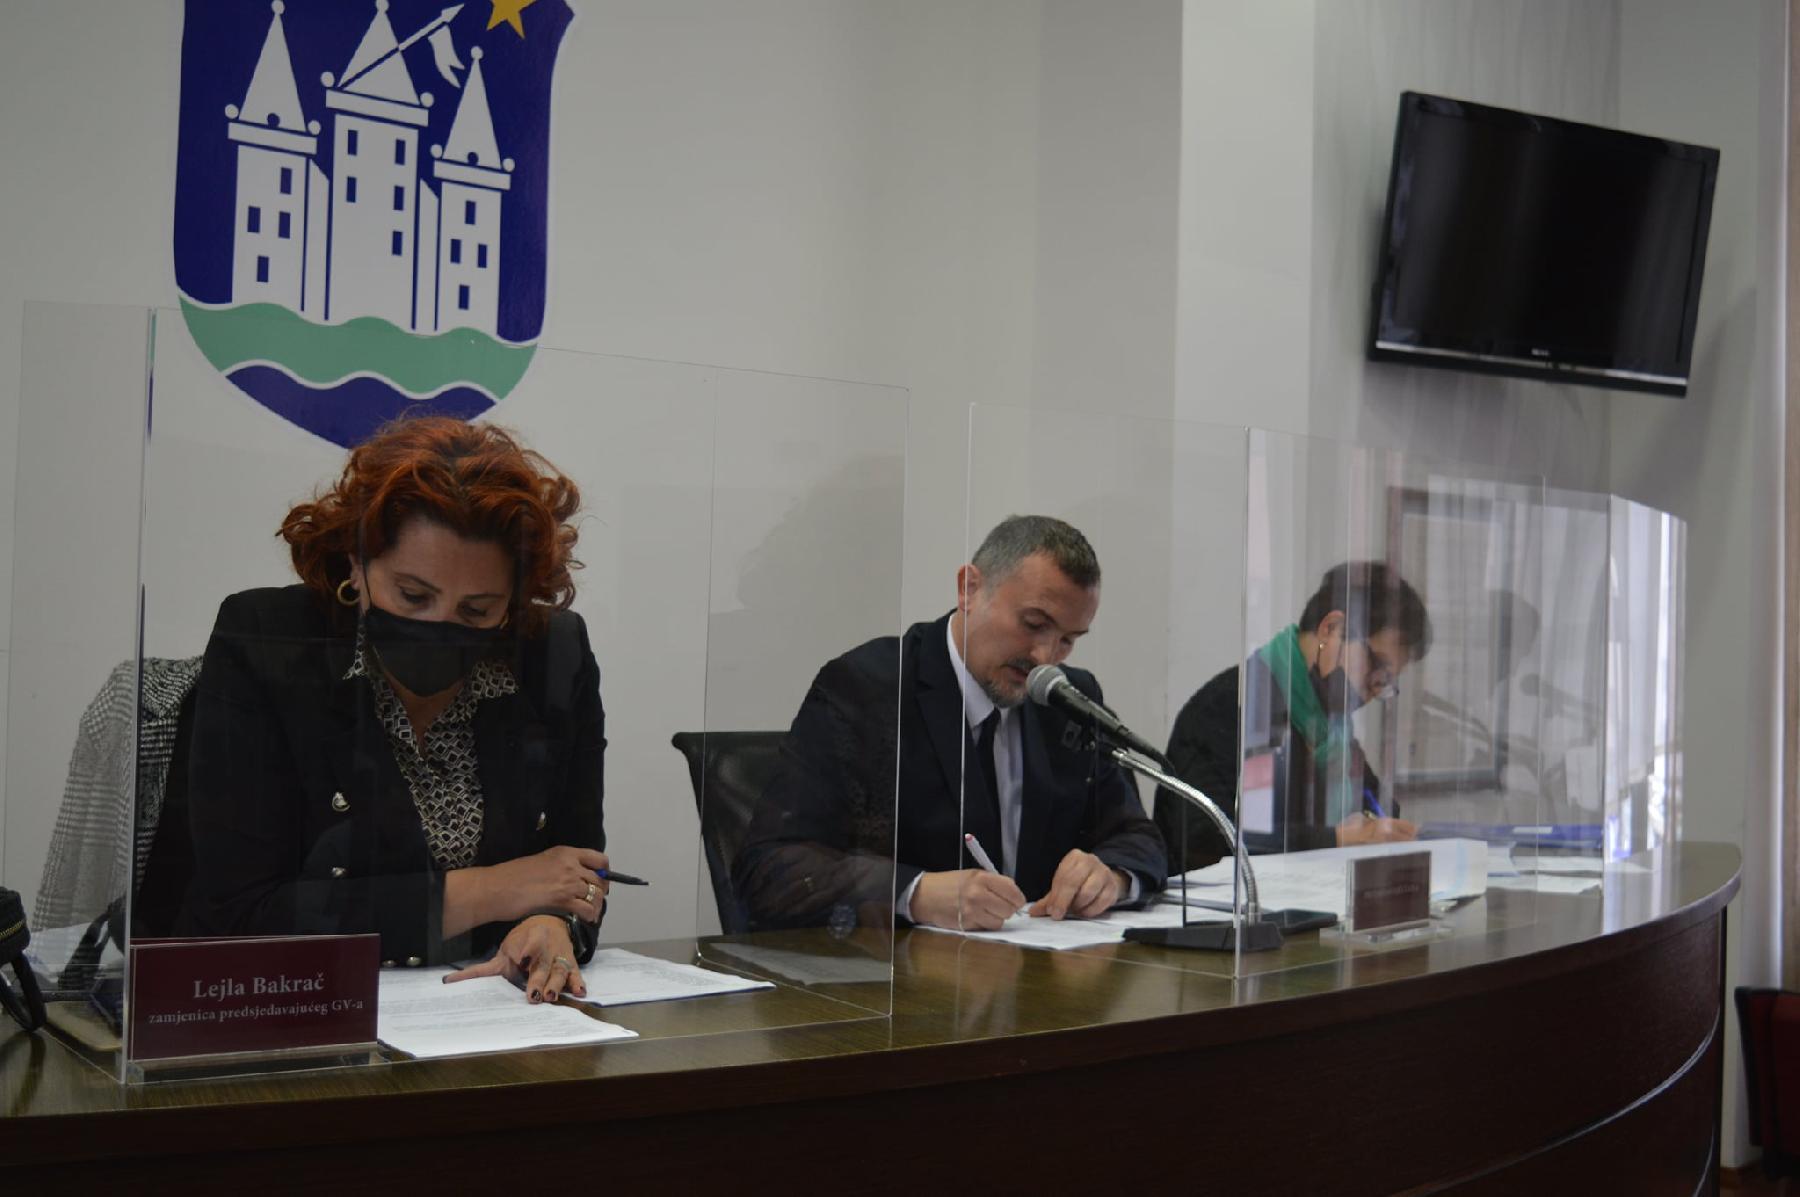 Javni konkurs za prijem rukovodećeg državnog službenika na poziciju Sekretara Gradskog vijeća Bihać